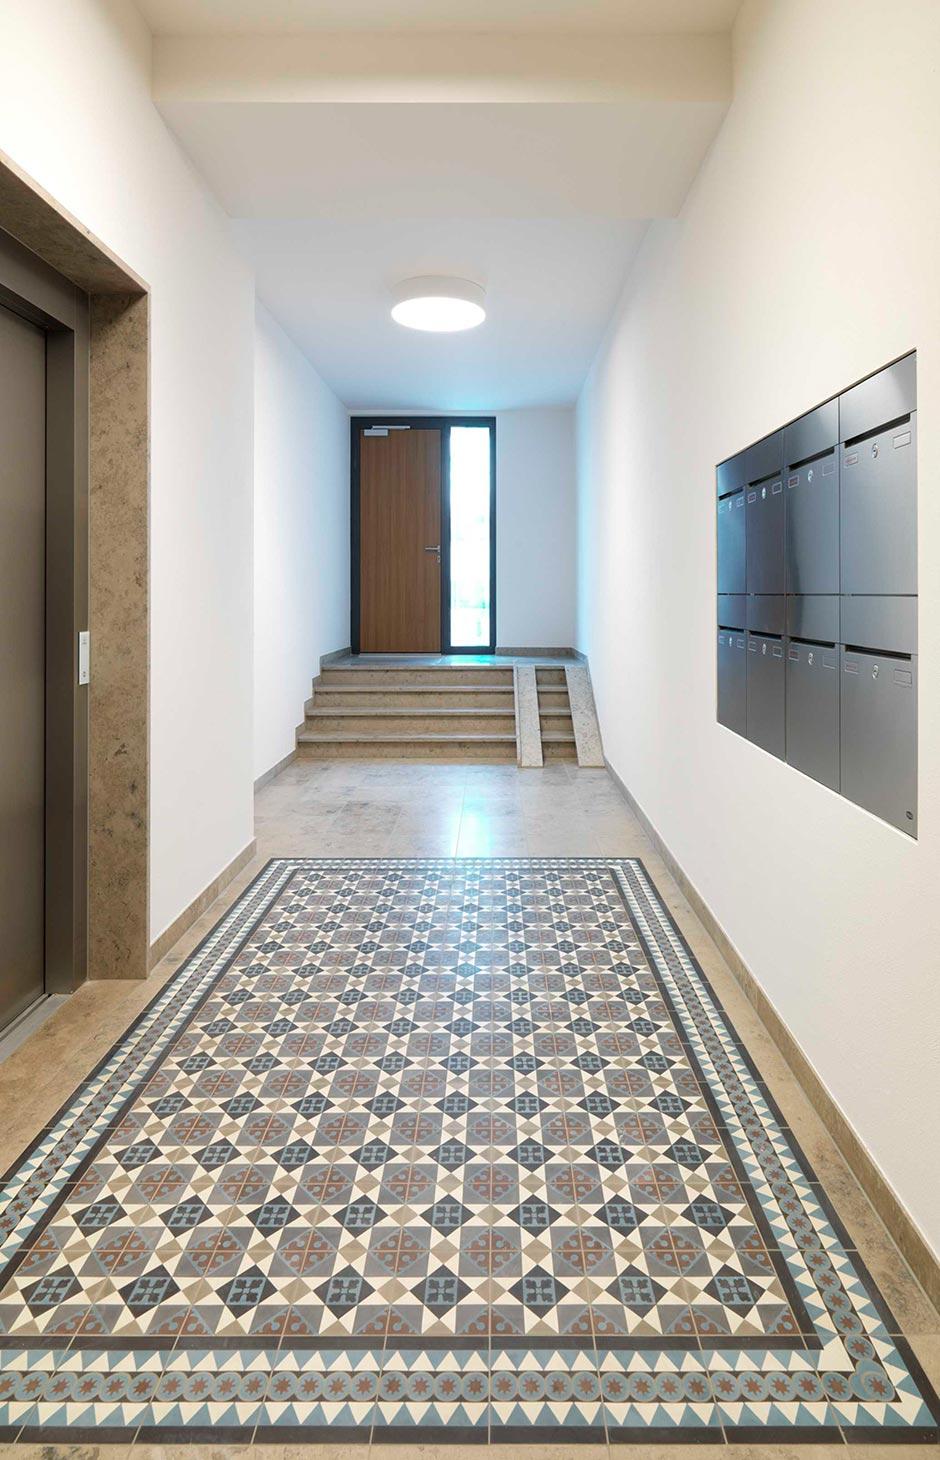 http://www.architekturzeitung.com/azbilder/2018/1810/bettina-kandler-architekten-04.jpg